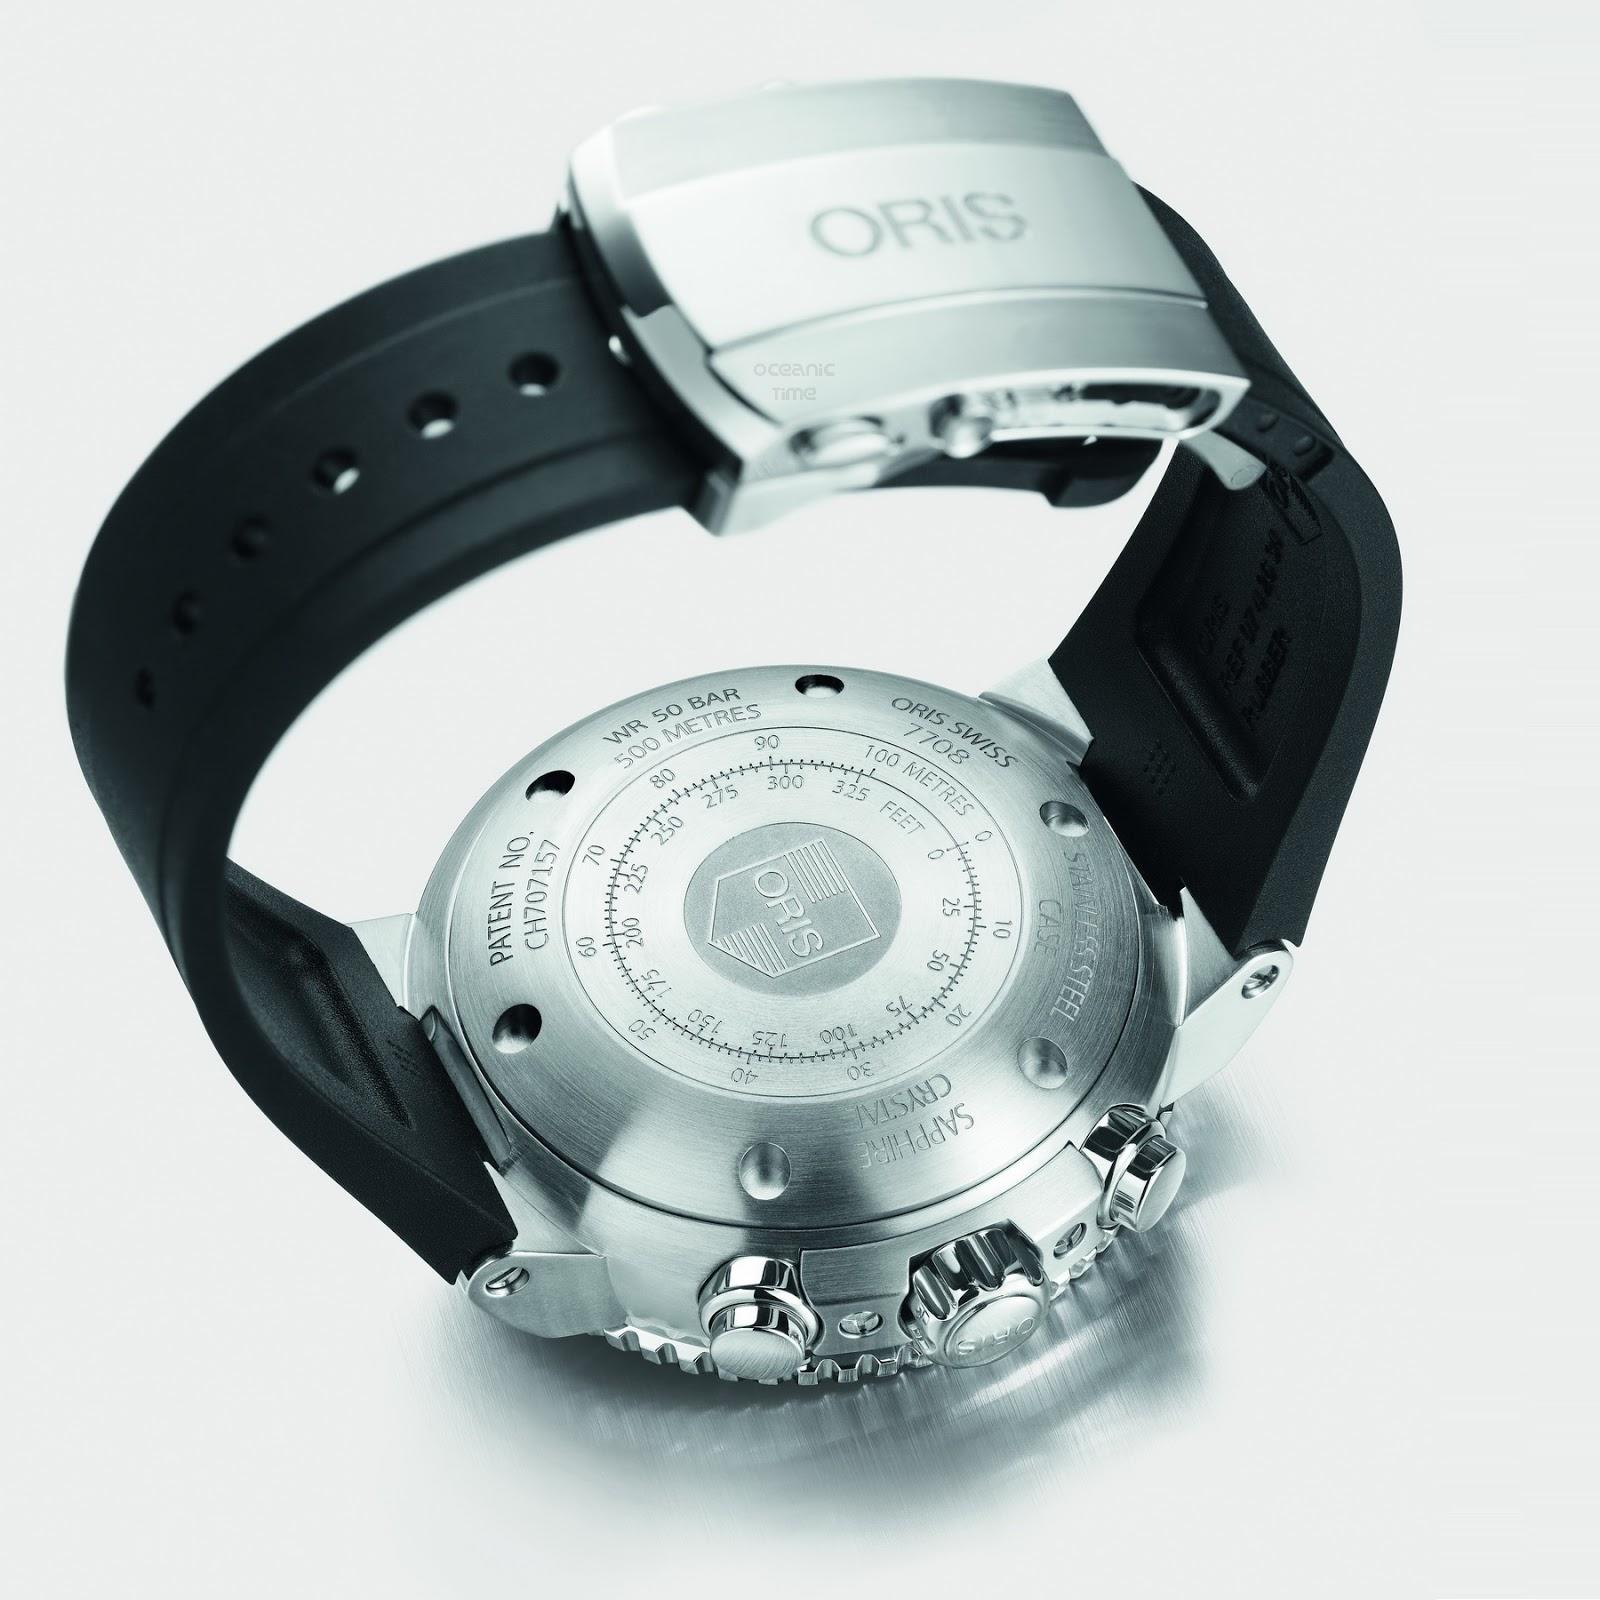 oris-aquis-depth-gauge-chrono-05